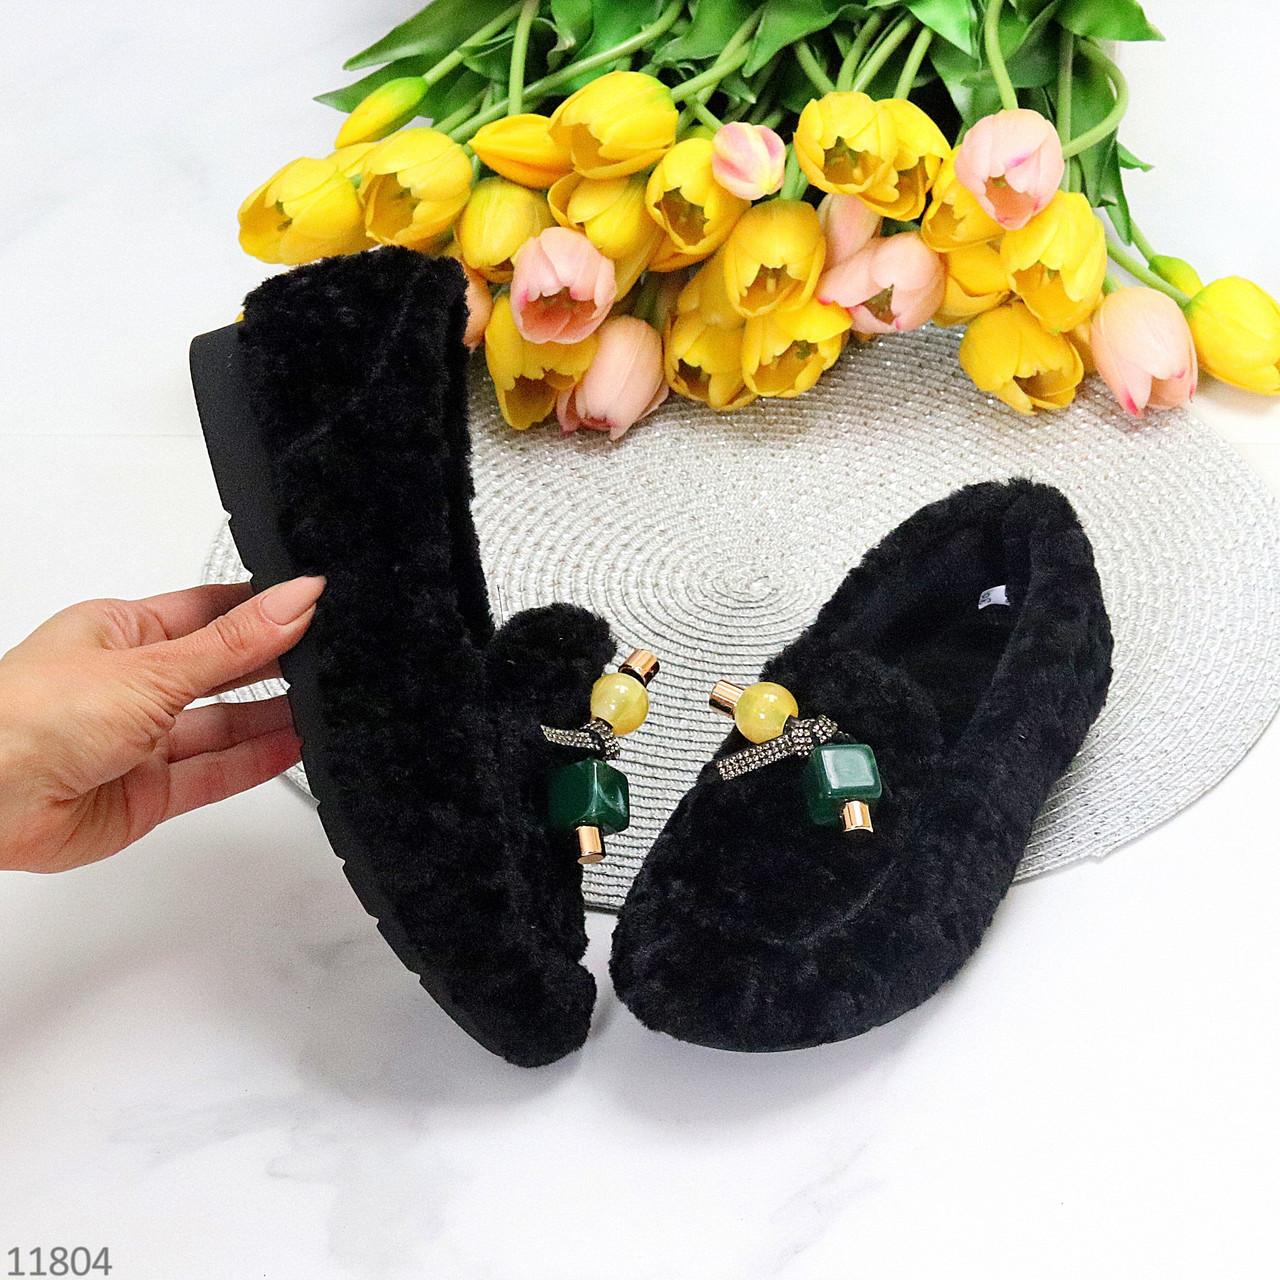 Чарівні теплі зручні плюшеві чорні жіночі мокасини автоледі